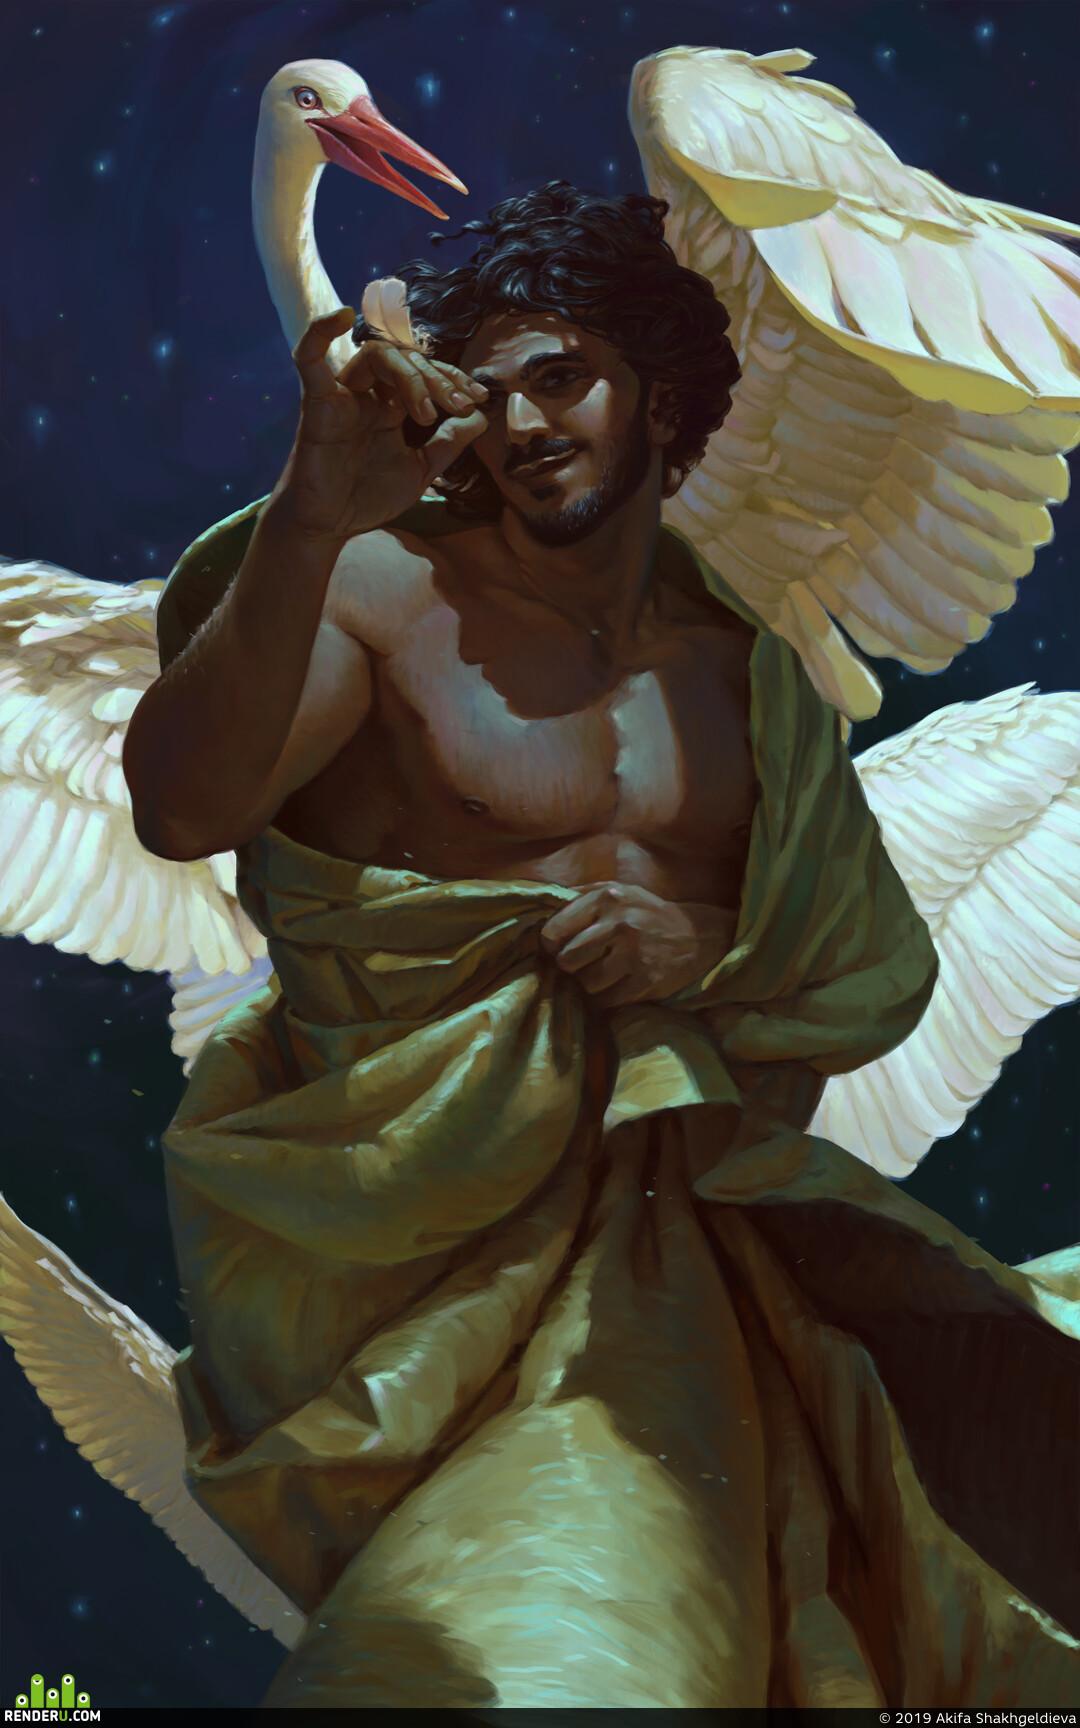 Портрет, концепт персонажа, мужской персонаж, персонаж, птицы, иллюстрация к сказке, иллюстрация, 2д арт, 2д, Восток